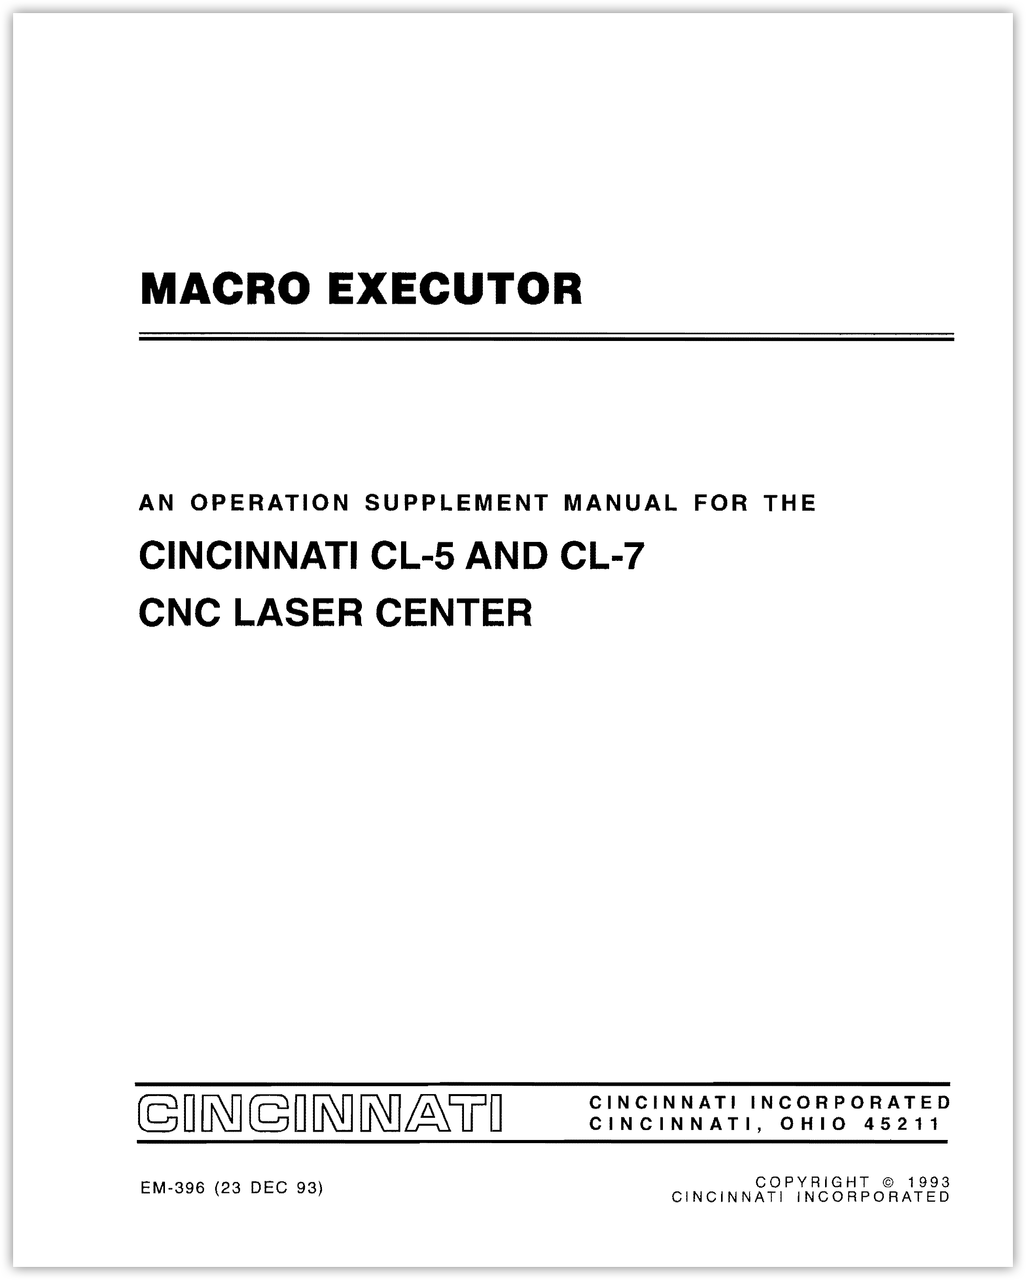 EM-396 CL-5_7 Macro Executor